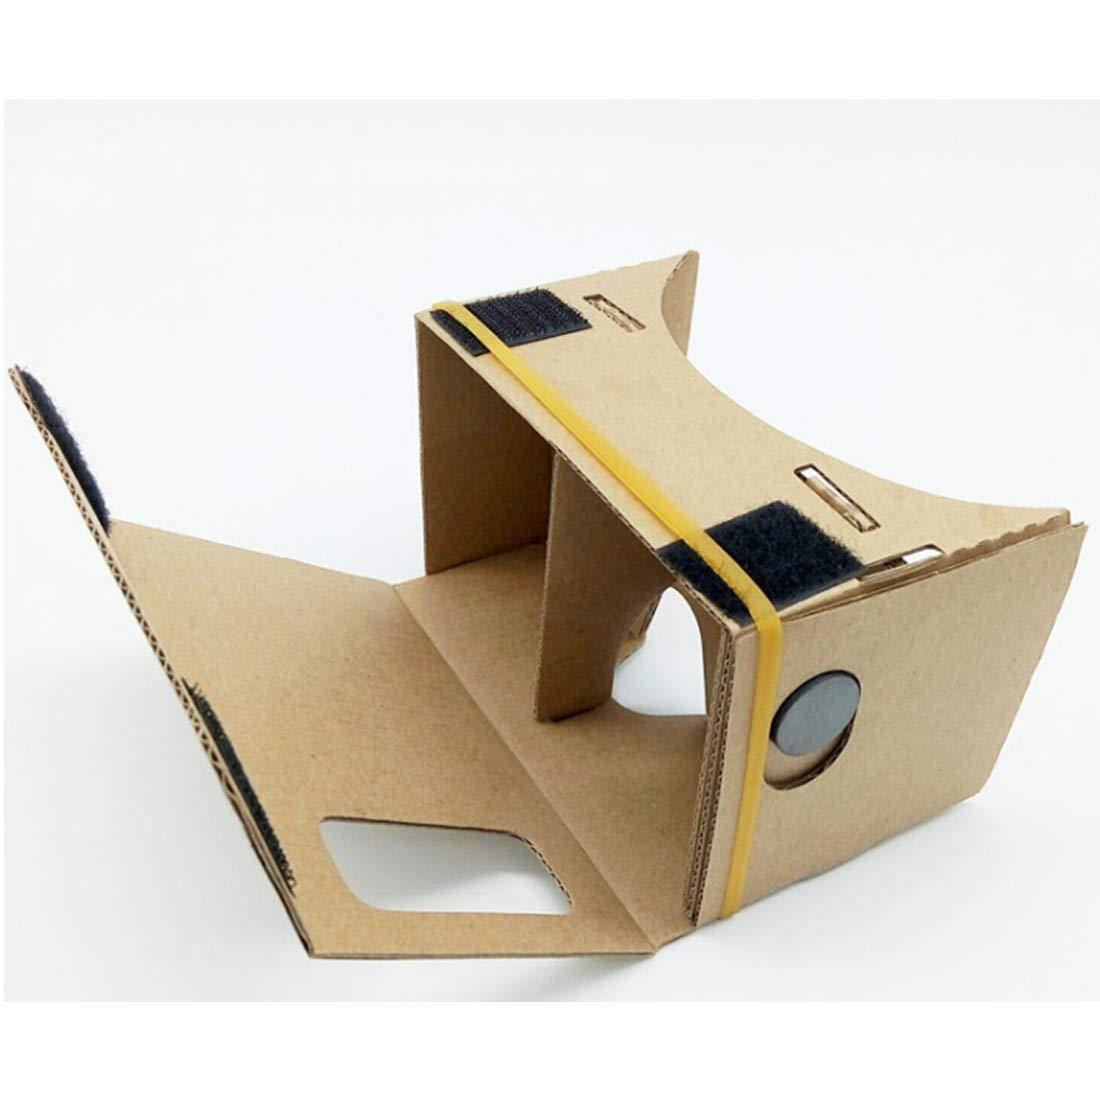 Cartón VR Caja Bricolaje Virtual Realidad 3D Gafas Imán Caja Controlador 3D VR Realidad Virtual Gafas